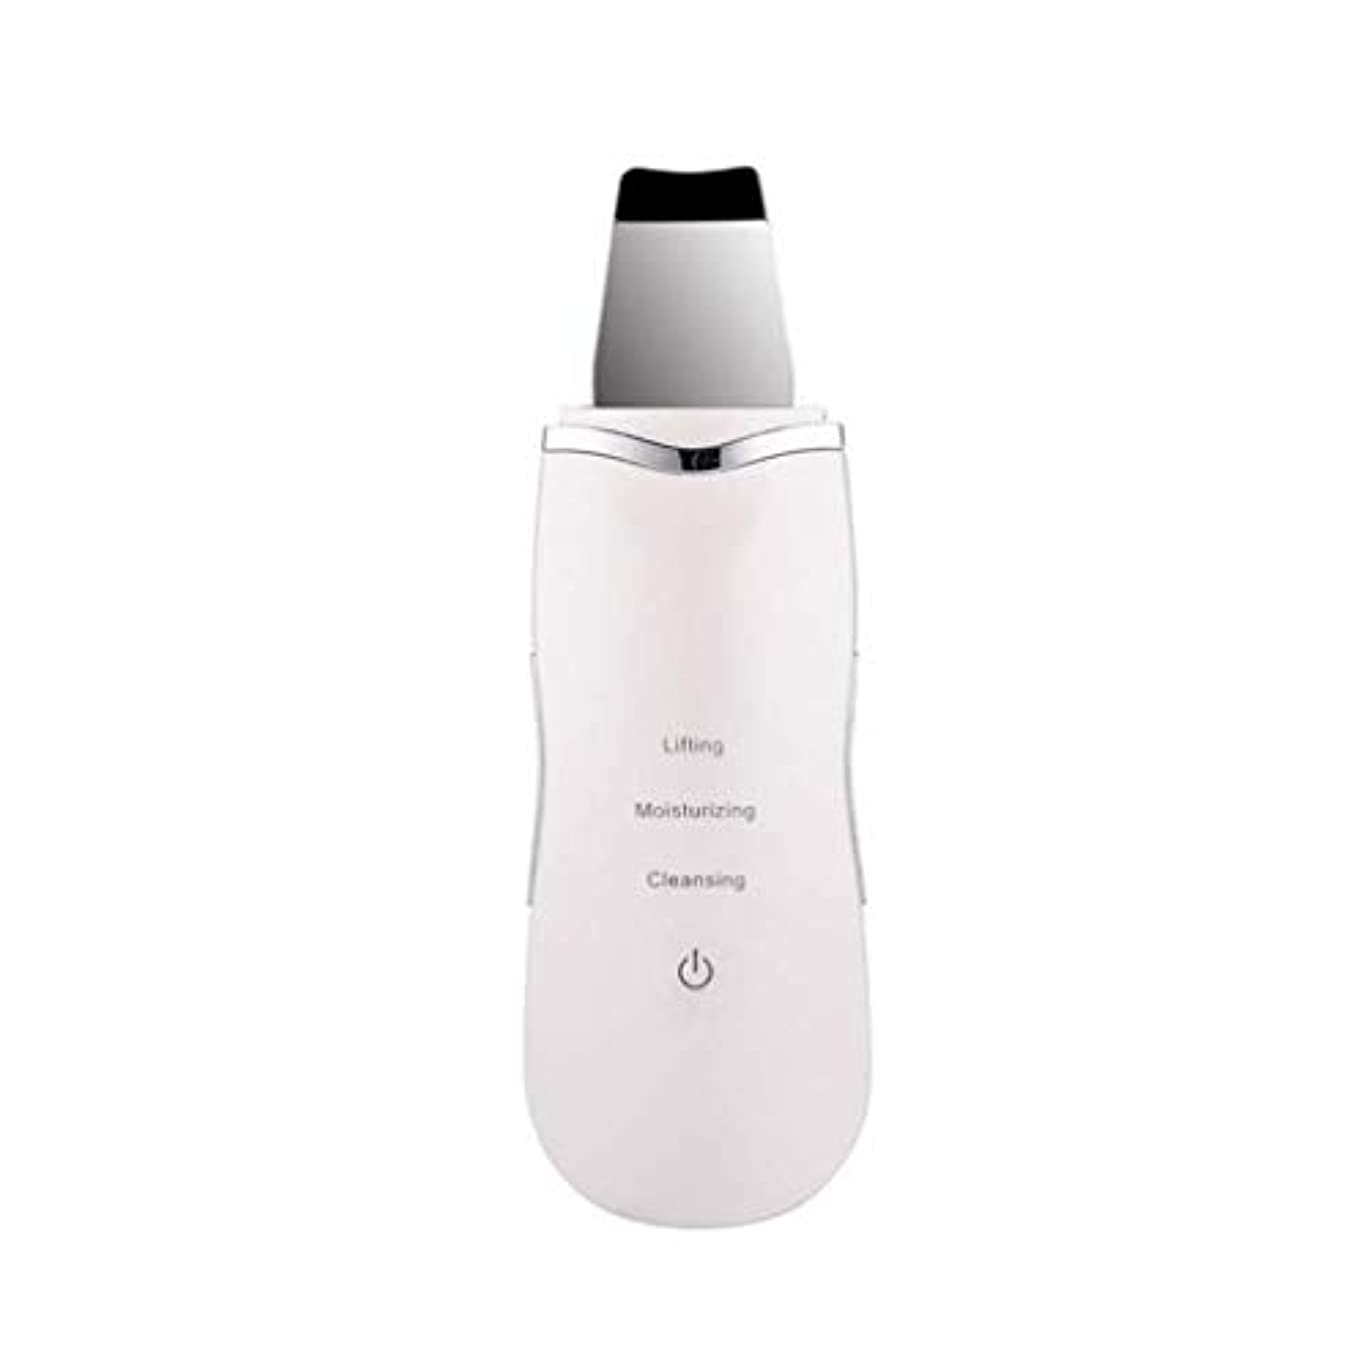 生物学憤る話す電気美容マッサージ器、超音波顔の皮膚ディープクリーナー、イオンマッサージスキンケア美容機器、充電式、洗顔リンクルスキンケア機器 (Color : 白, Size : One size)